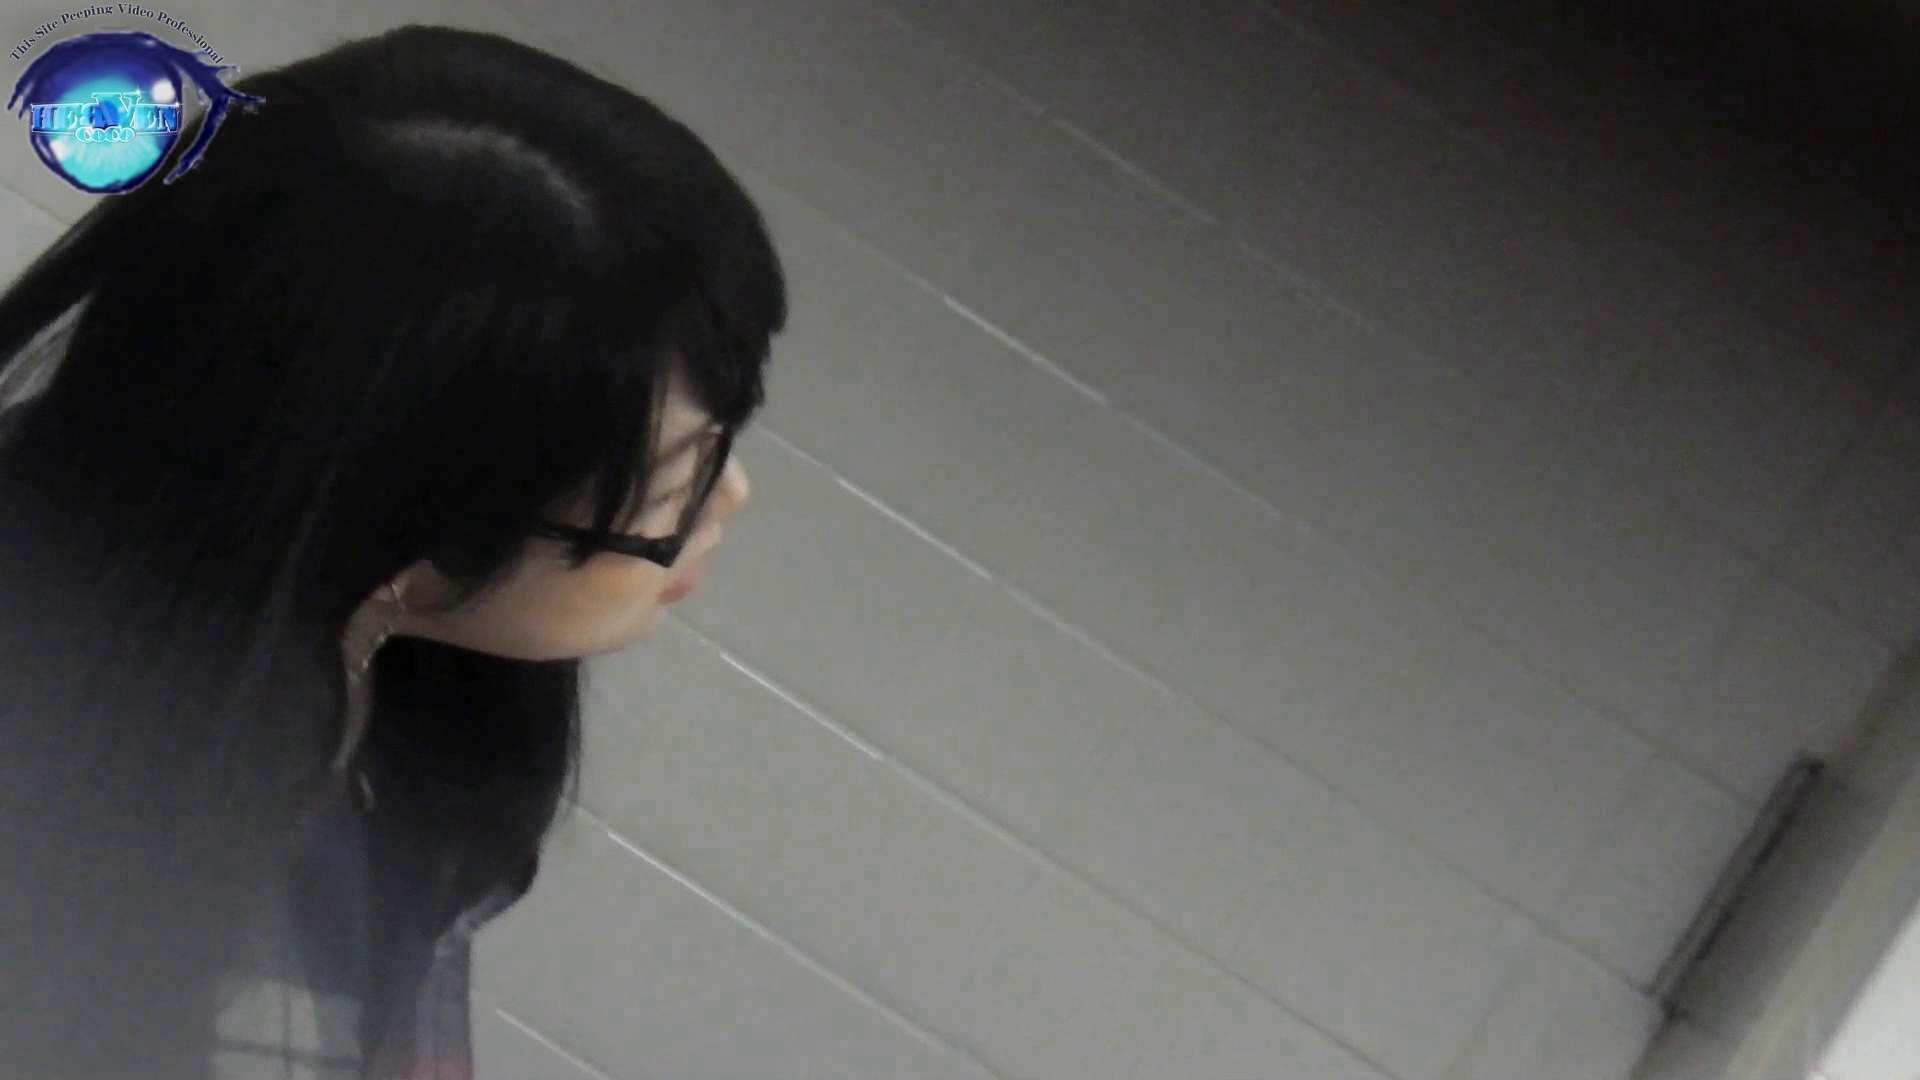 お銀さん vol.59 ピンチ!!「鏡の前で祈る女性」にばれる危機 後編 0   0  77連発 27